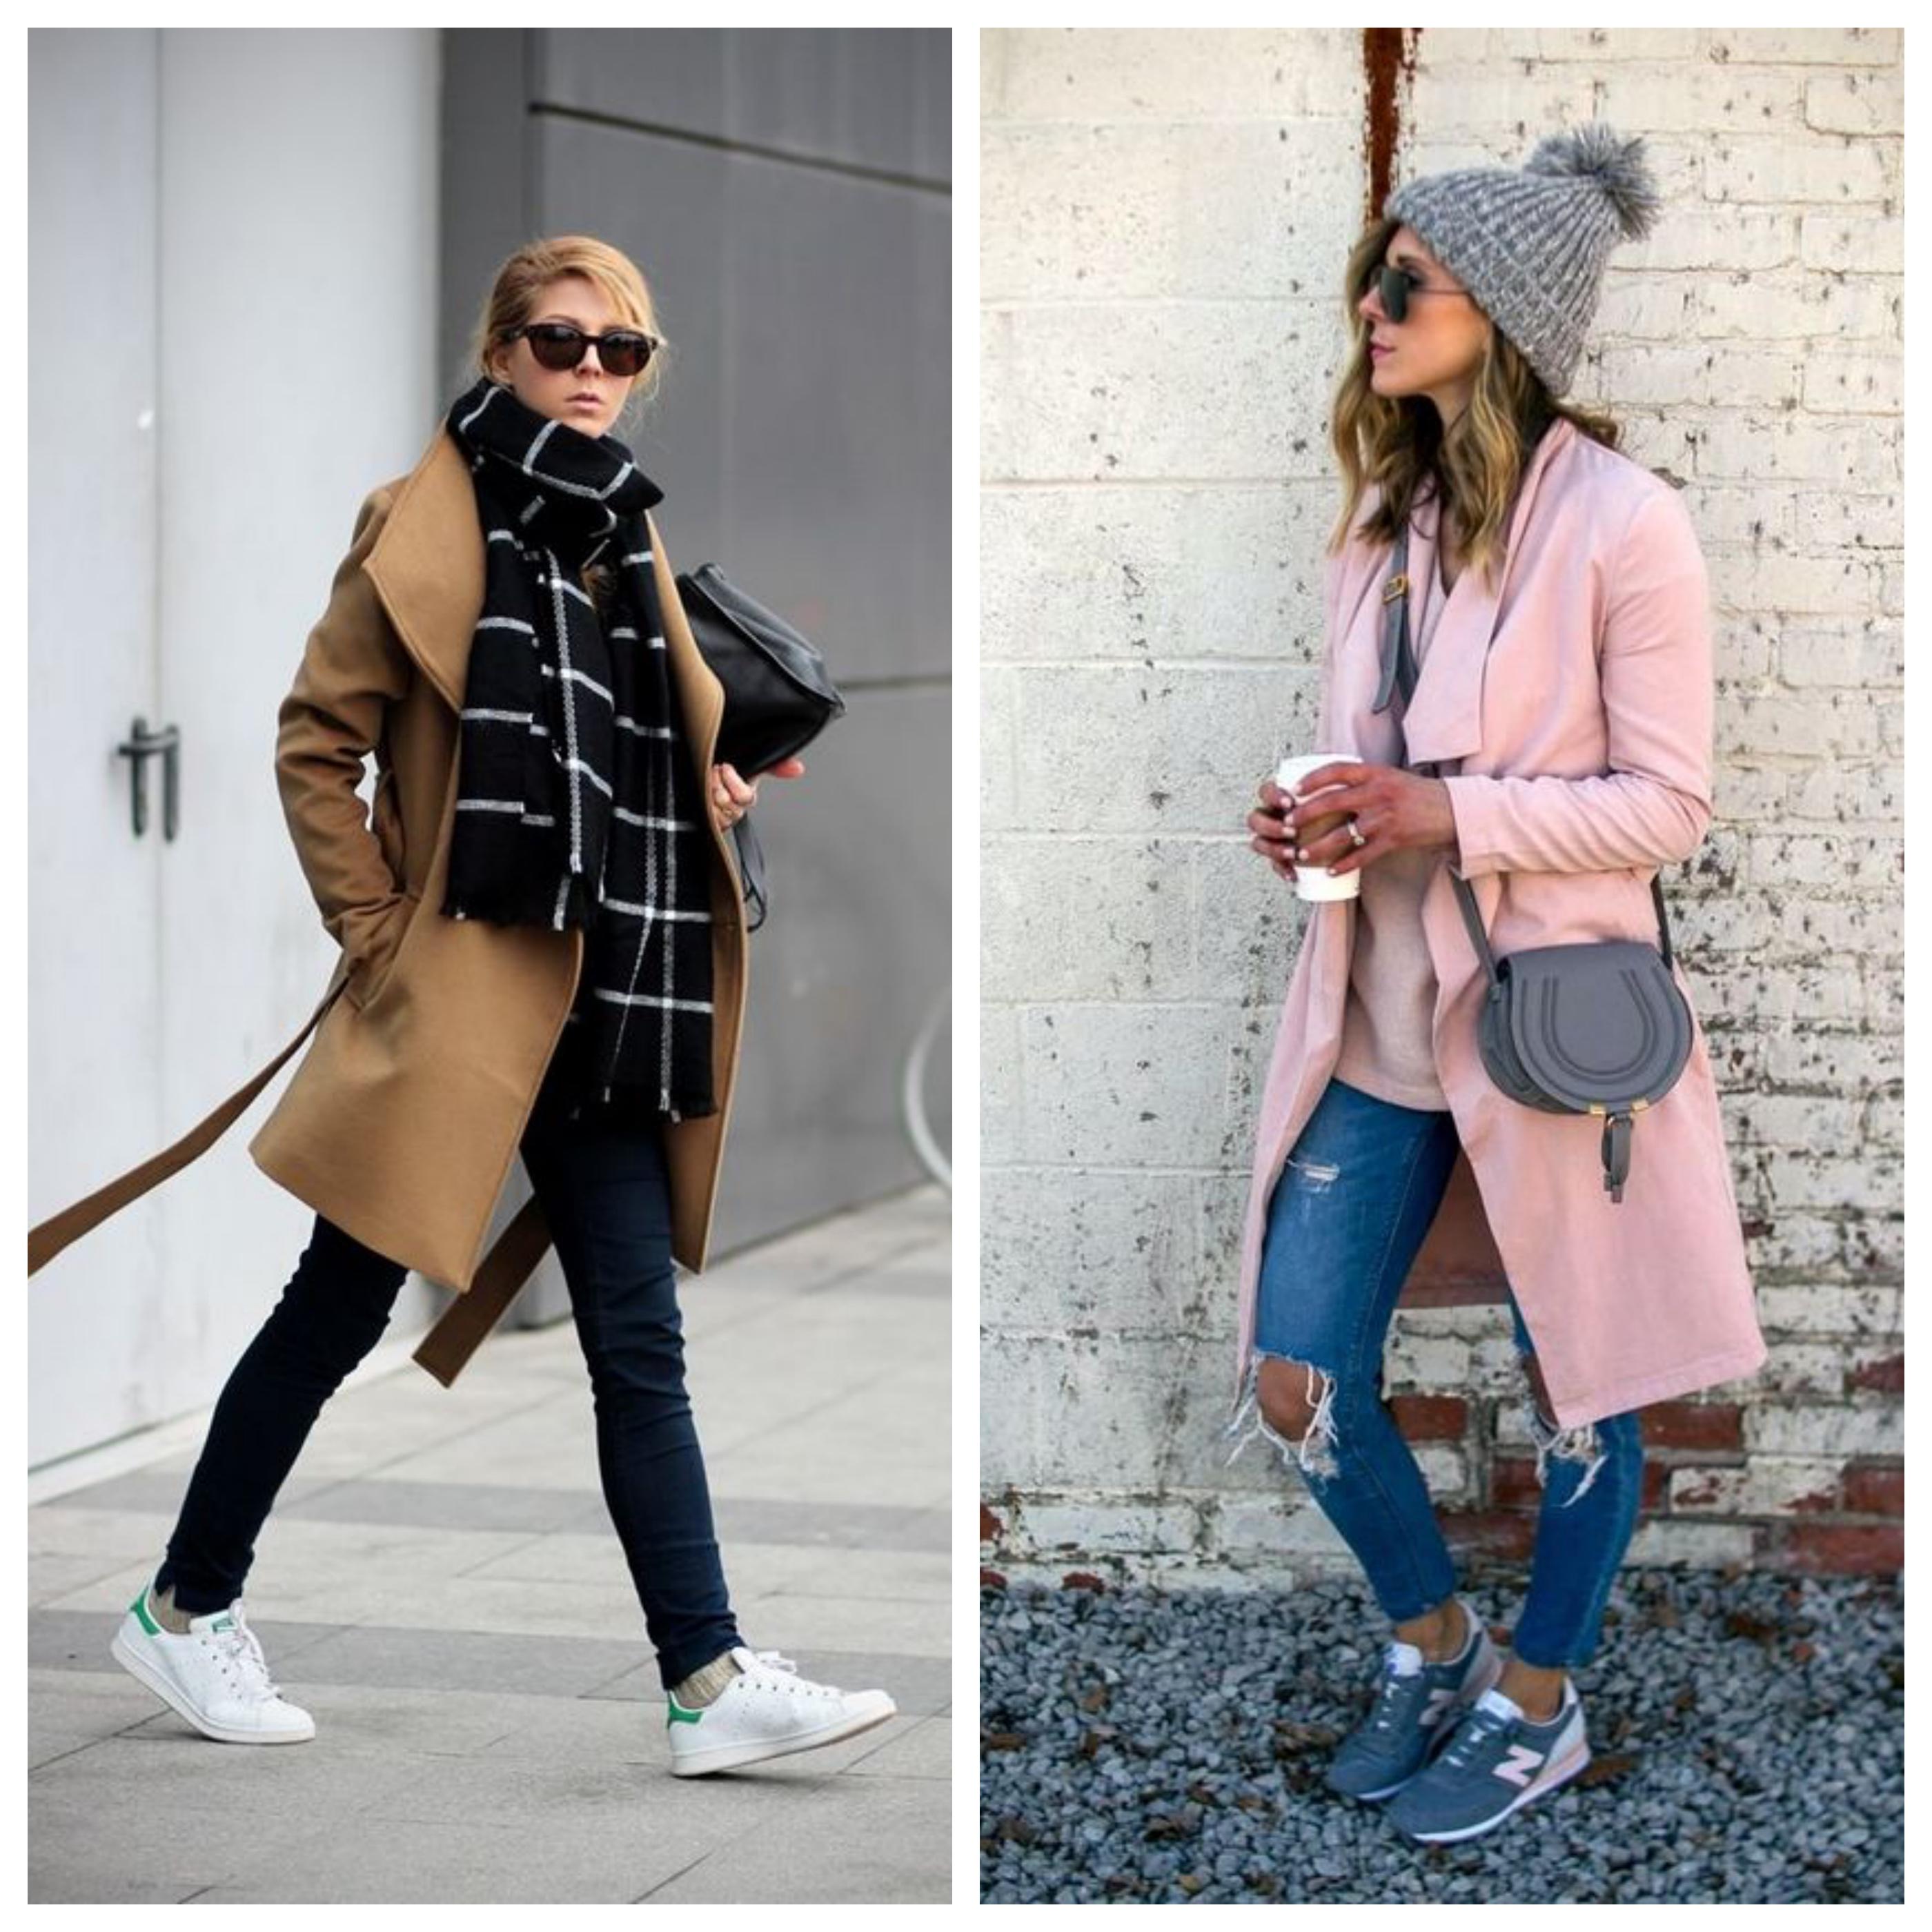 Аксессуары для пальто с кроссовками